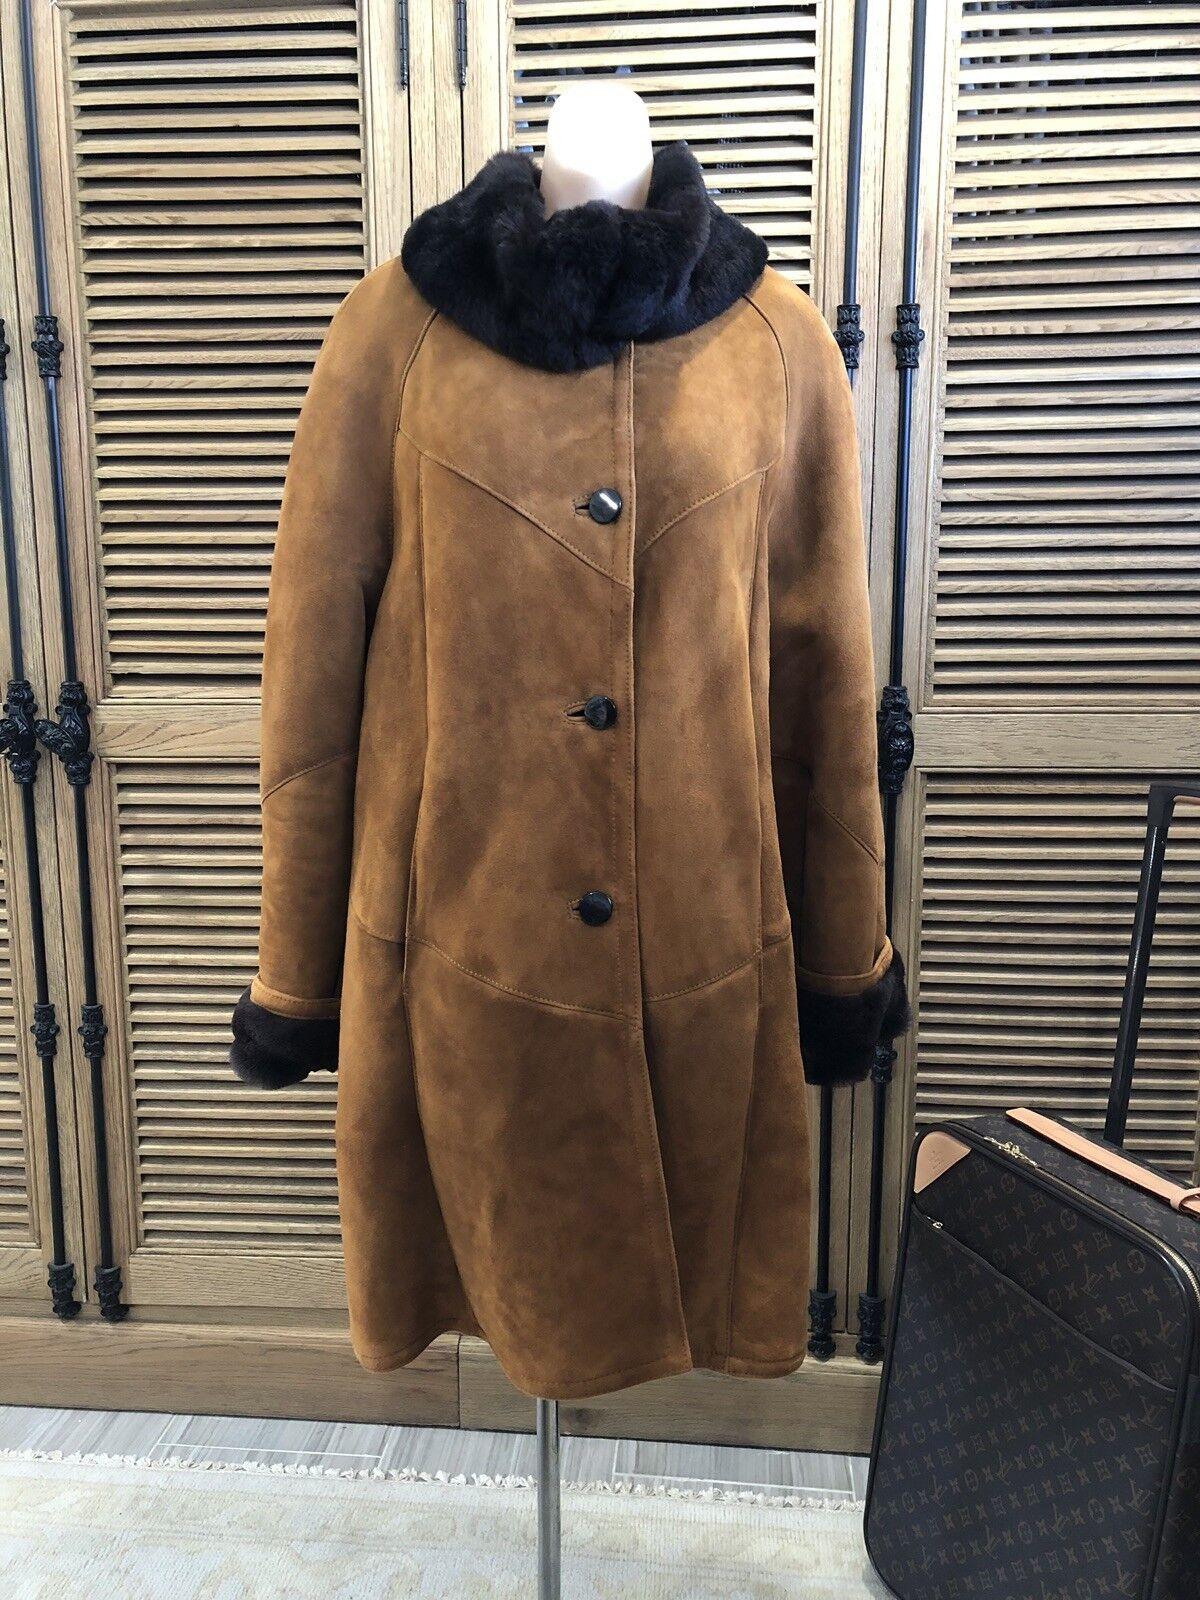 GORGEOUSl Woman's ITALIAN Shearling Sheepskin Cognac Fur Coat Large BNWOT